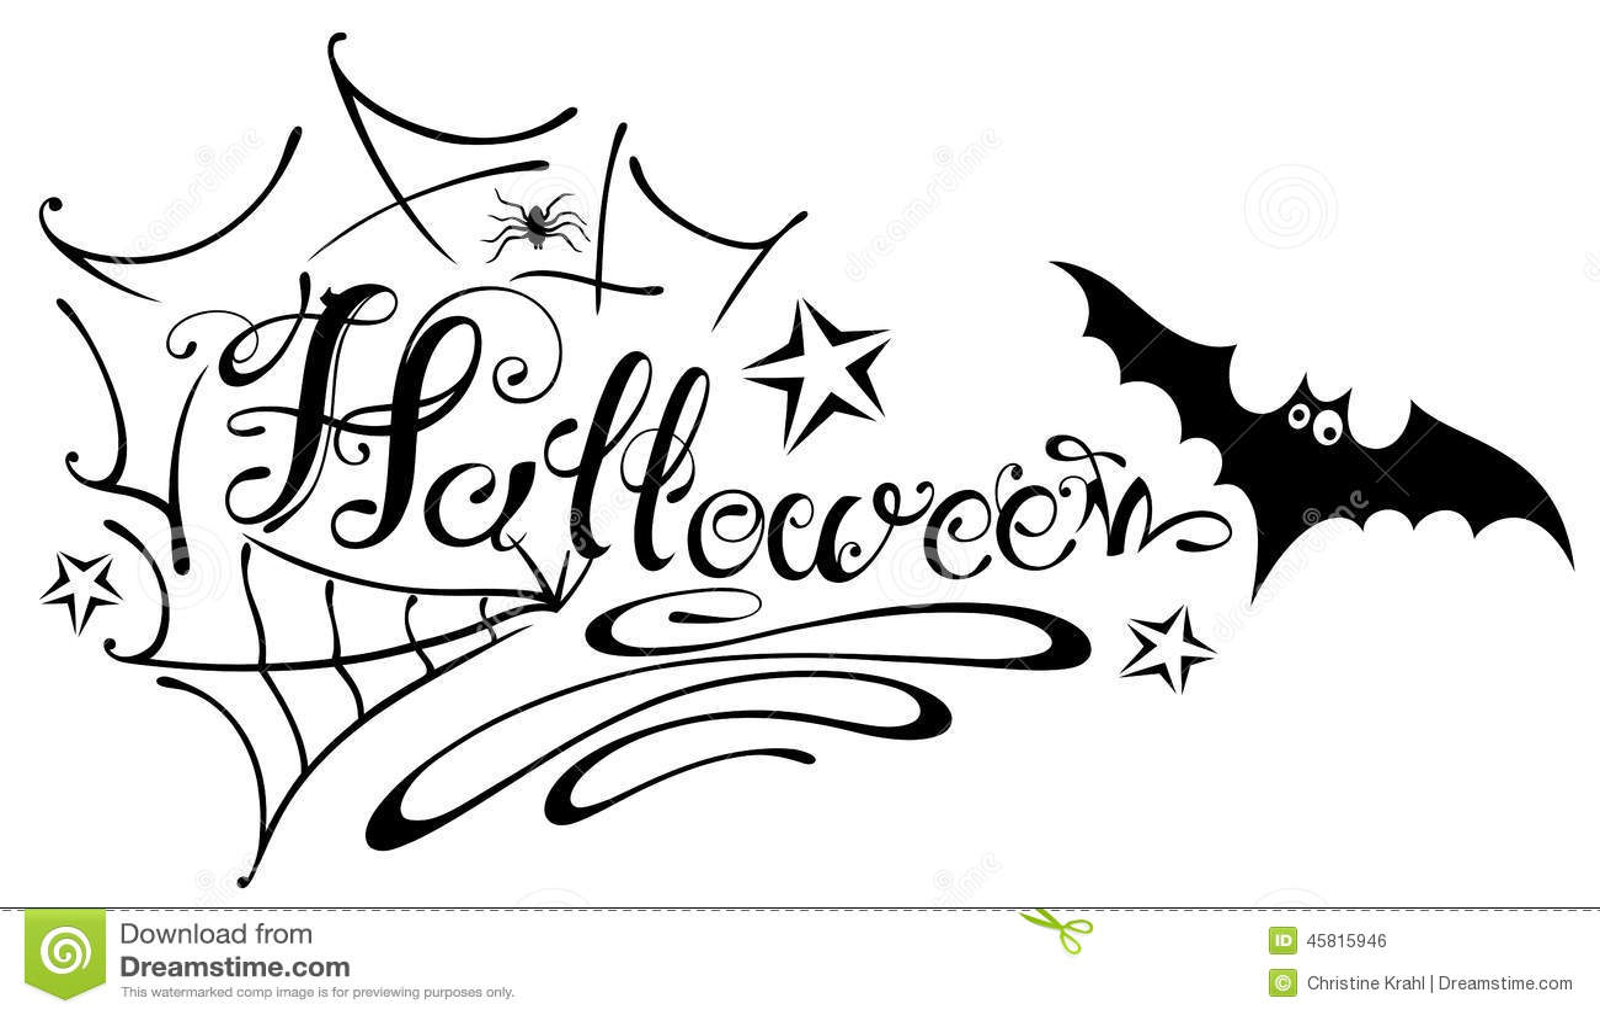 Halloween, Spider Web Stock Vector - Image: 45815946